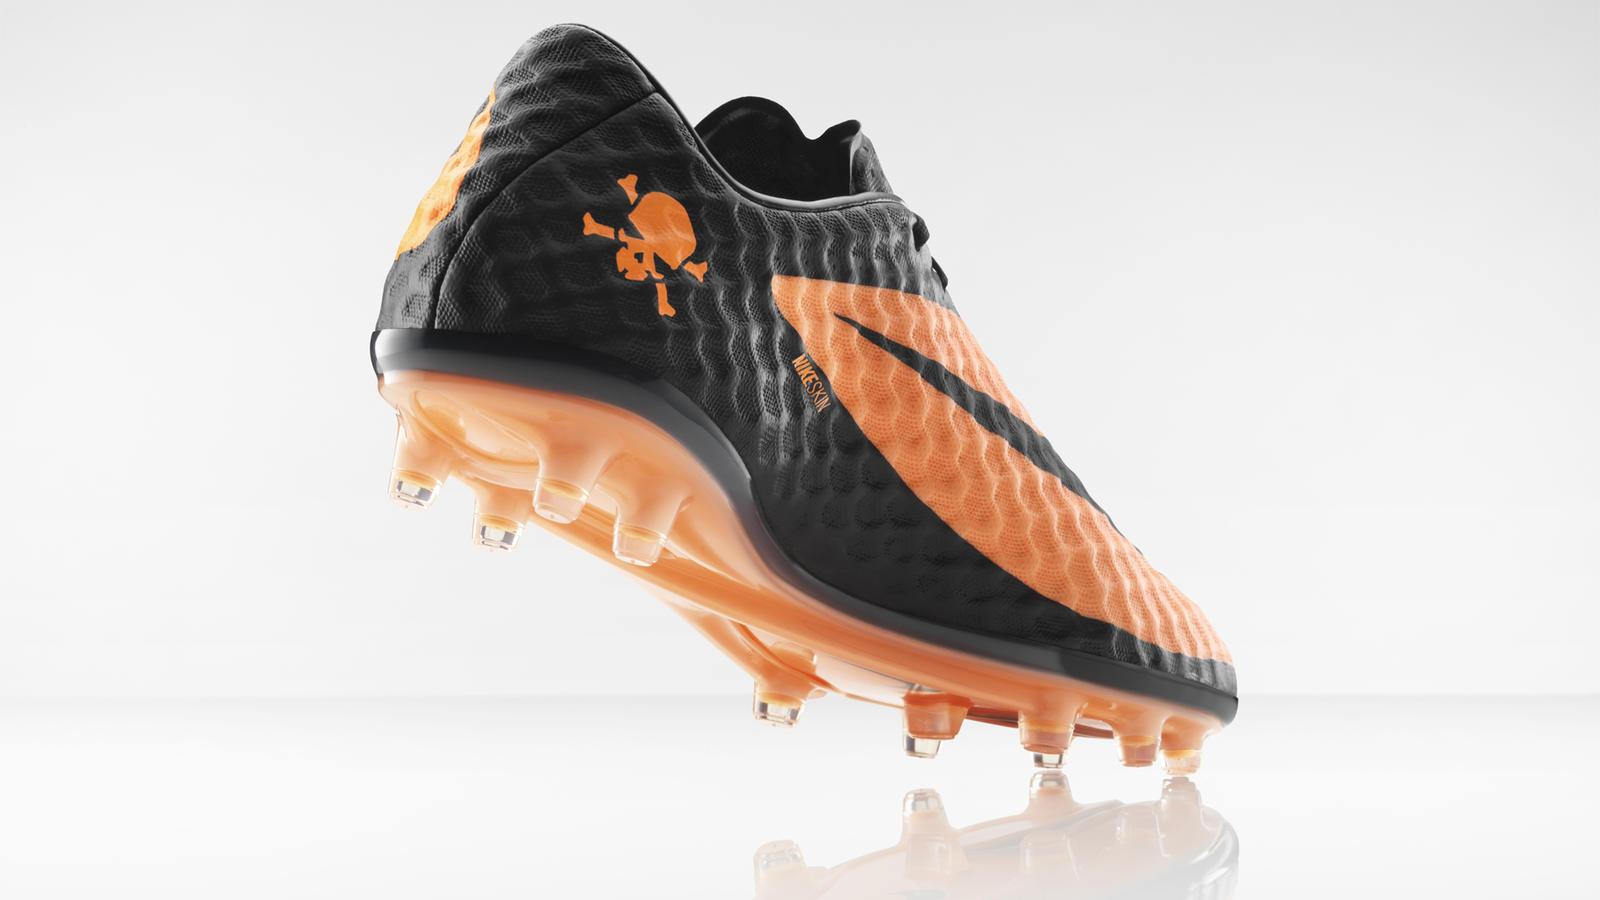 Giày đá banh Nike Hypervenom Phantom - 2013